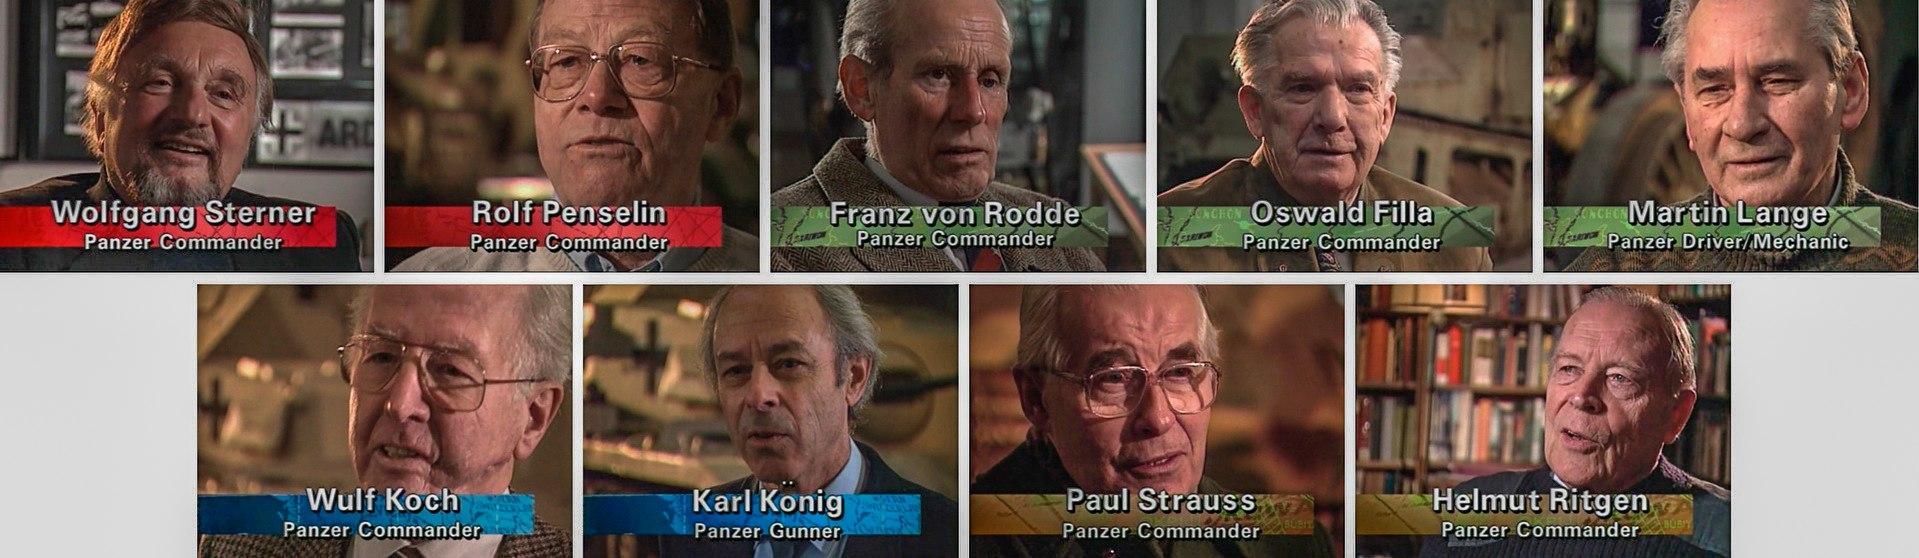 Командиры и члены танковых экипажей Германии